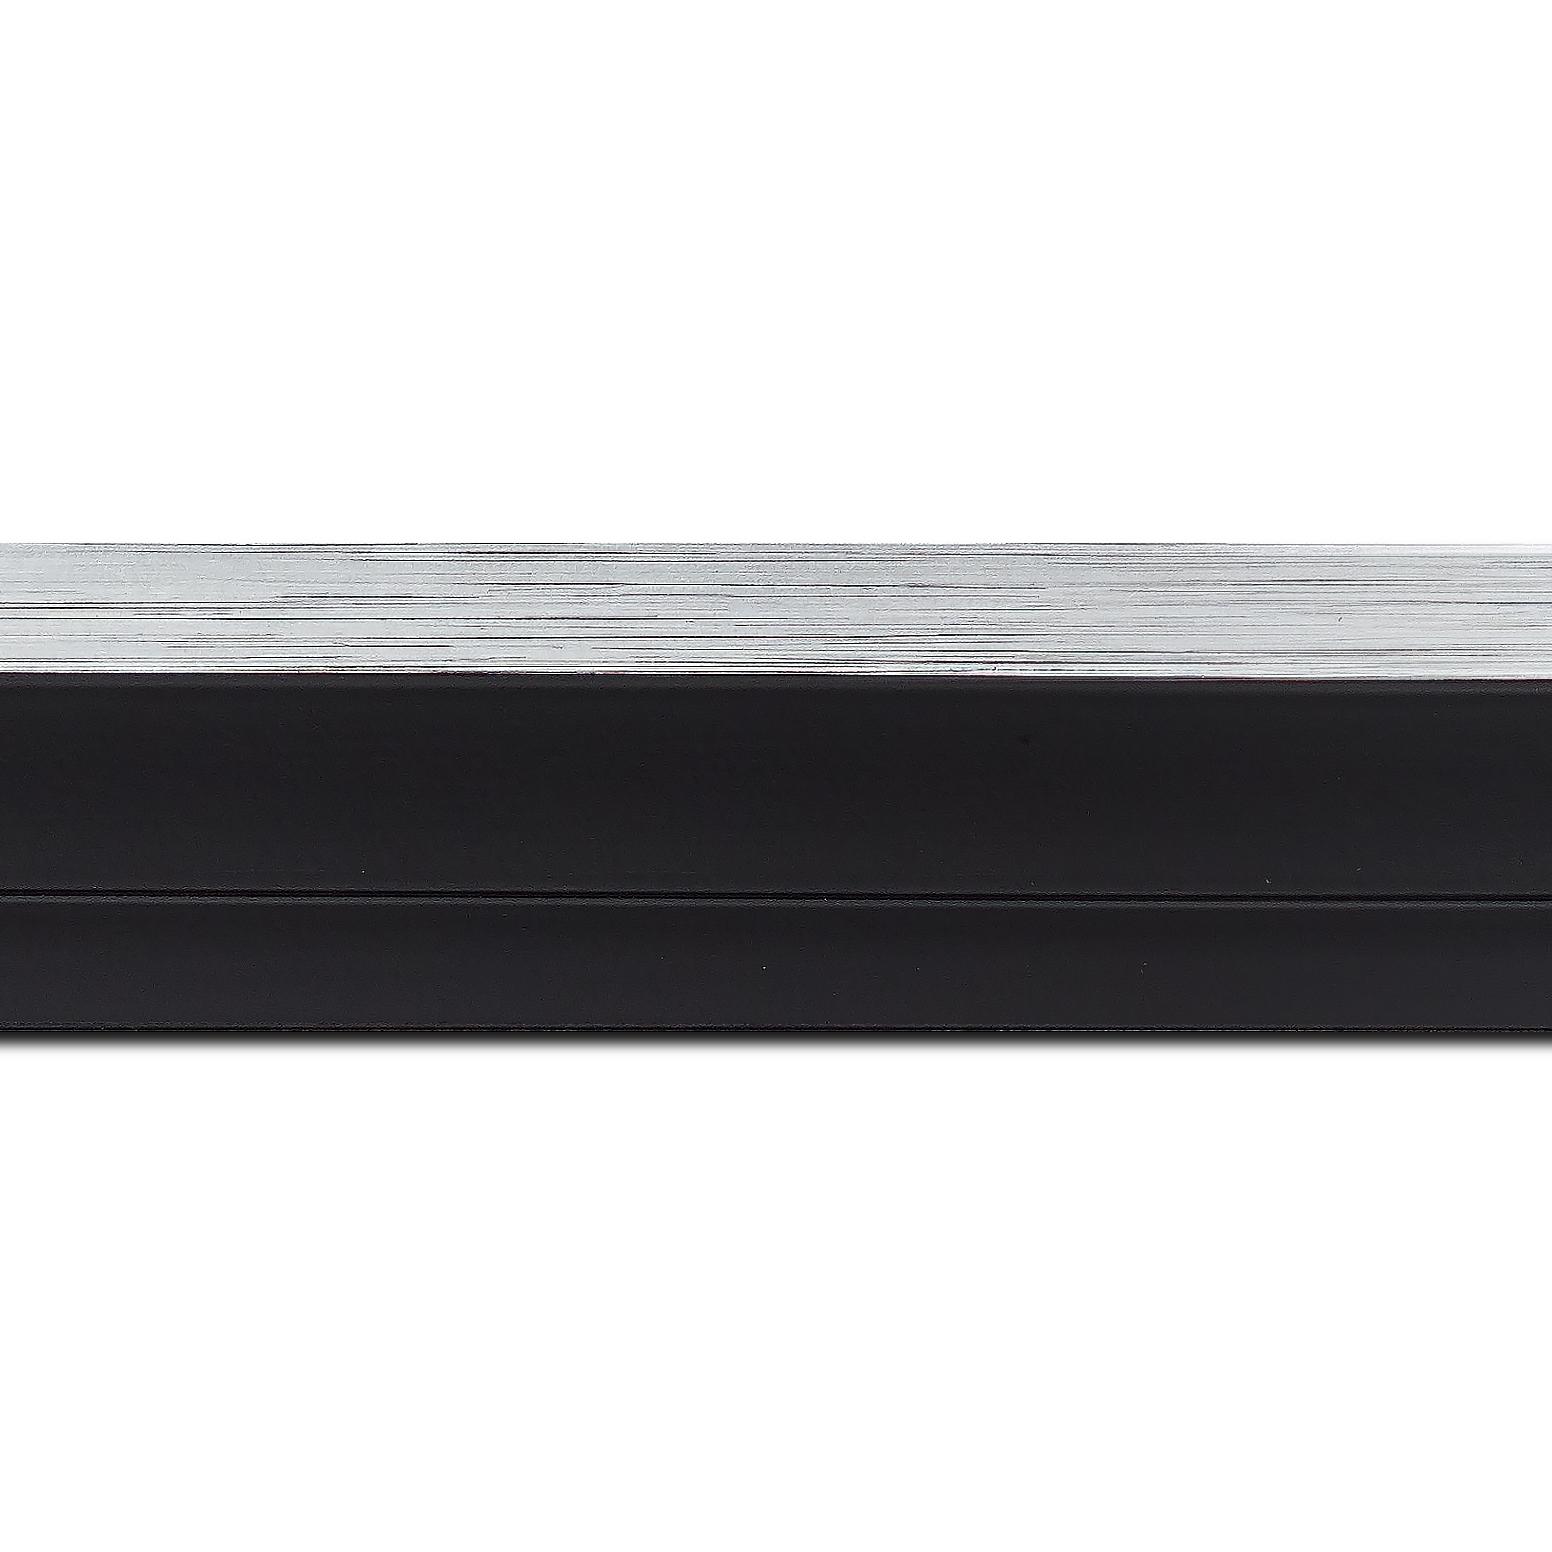 Pack par 12m, bois caisse américaine xl profil escalier largeur 4.9cm noir mat  filet argent (spécialement conçu pour les châssis 3d d'une épaisseur de 3 à 4cm)(longueur baguette pouvant varier entre 2.40m et 3m selon arrivage des bois)